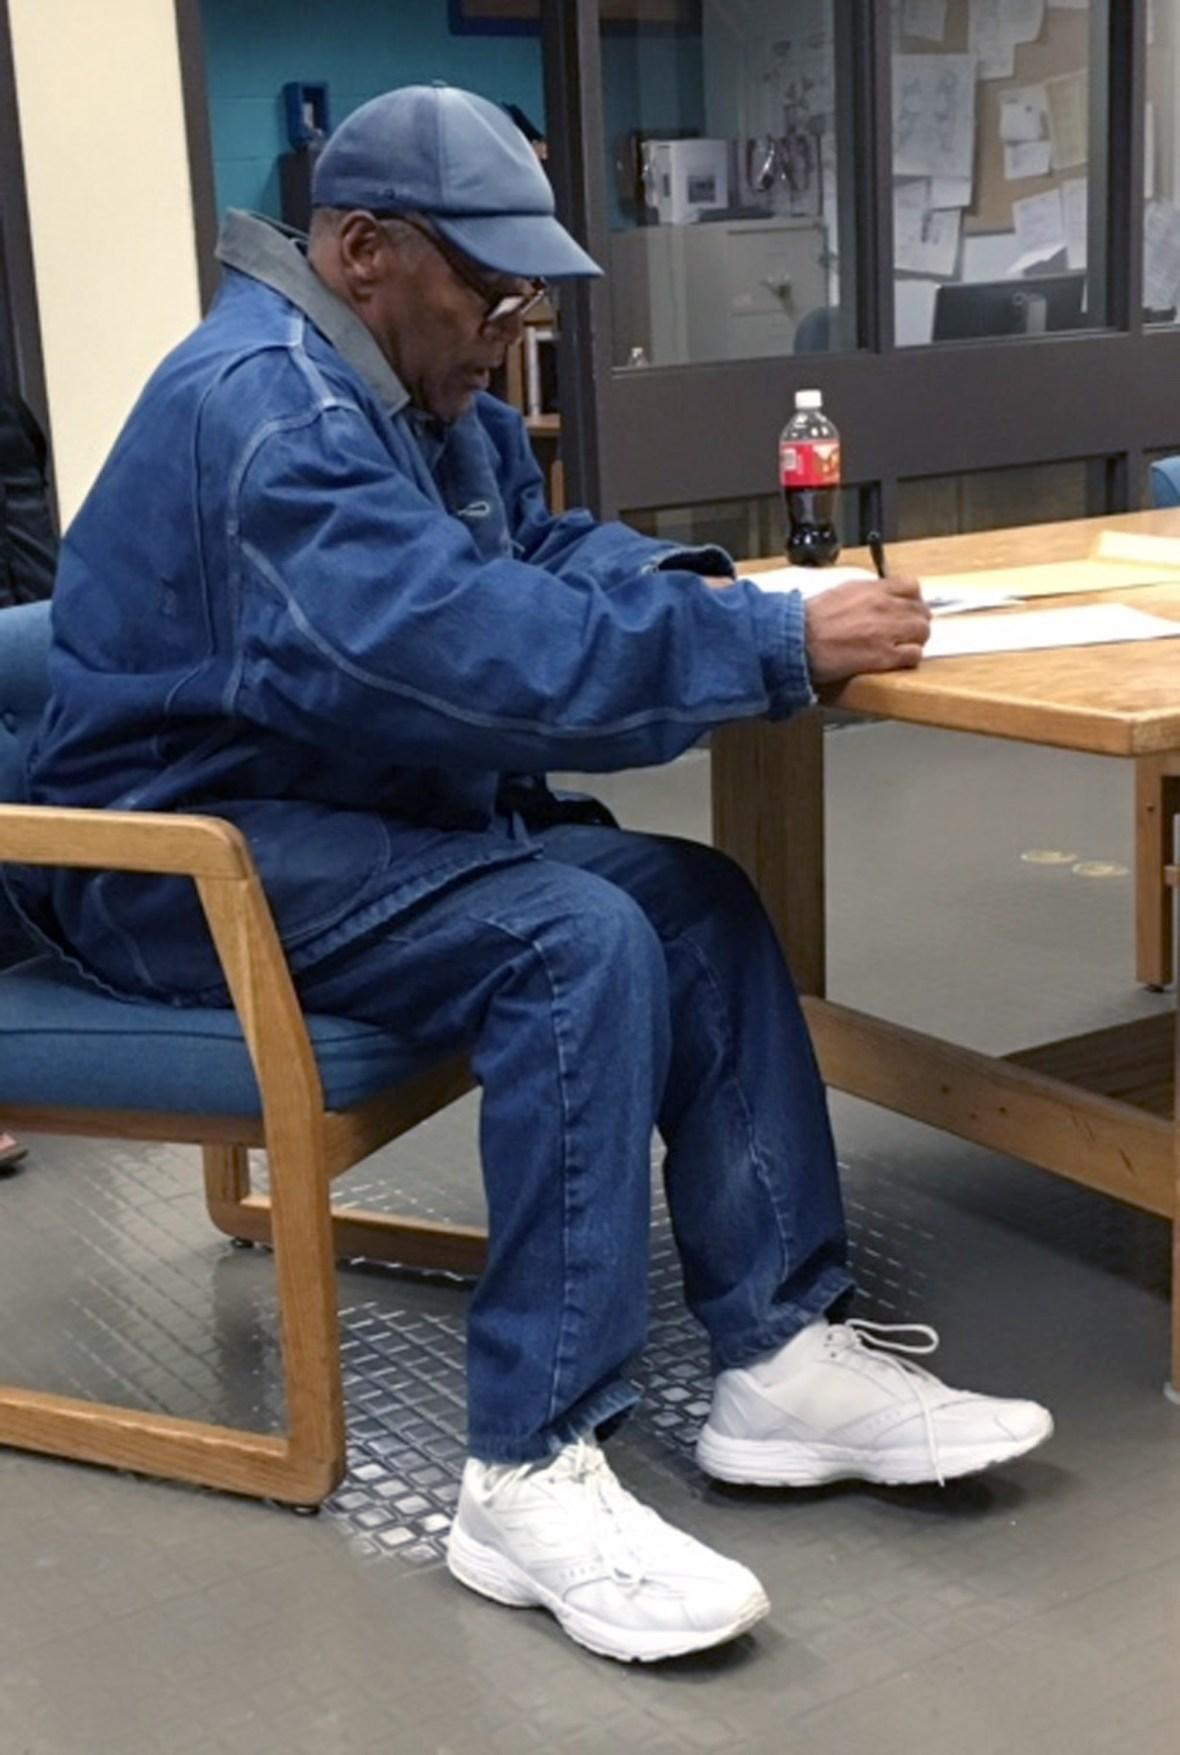 o.j. simpson prison release